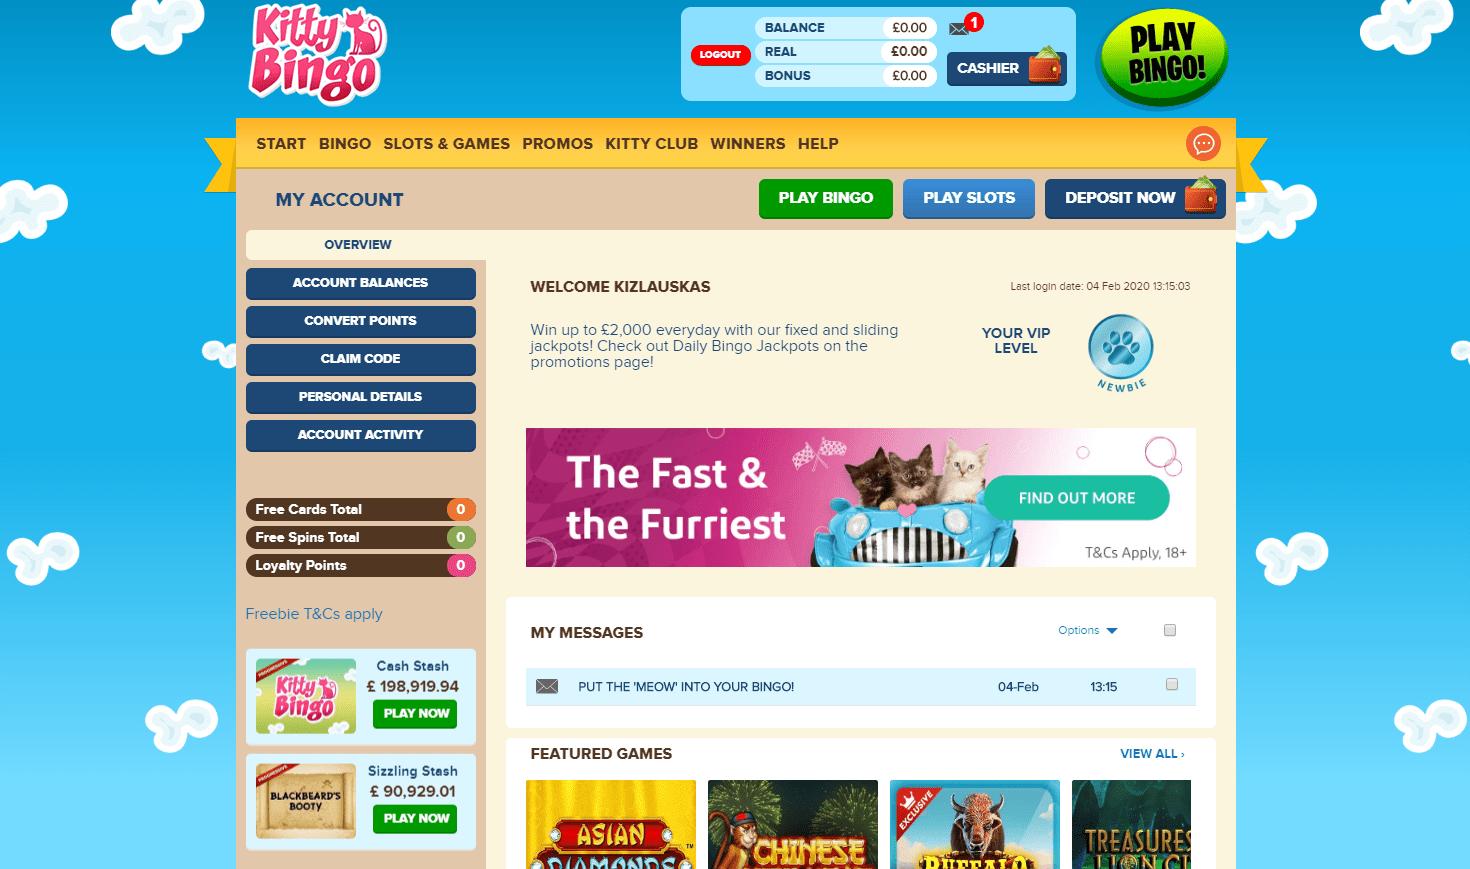 Kitty Bingo Bonus Code